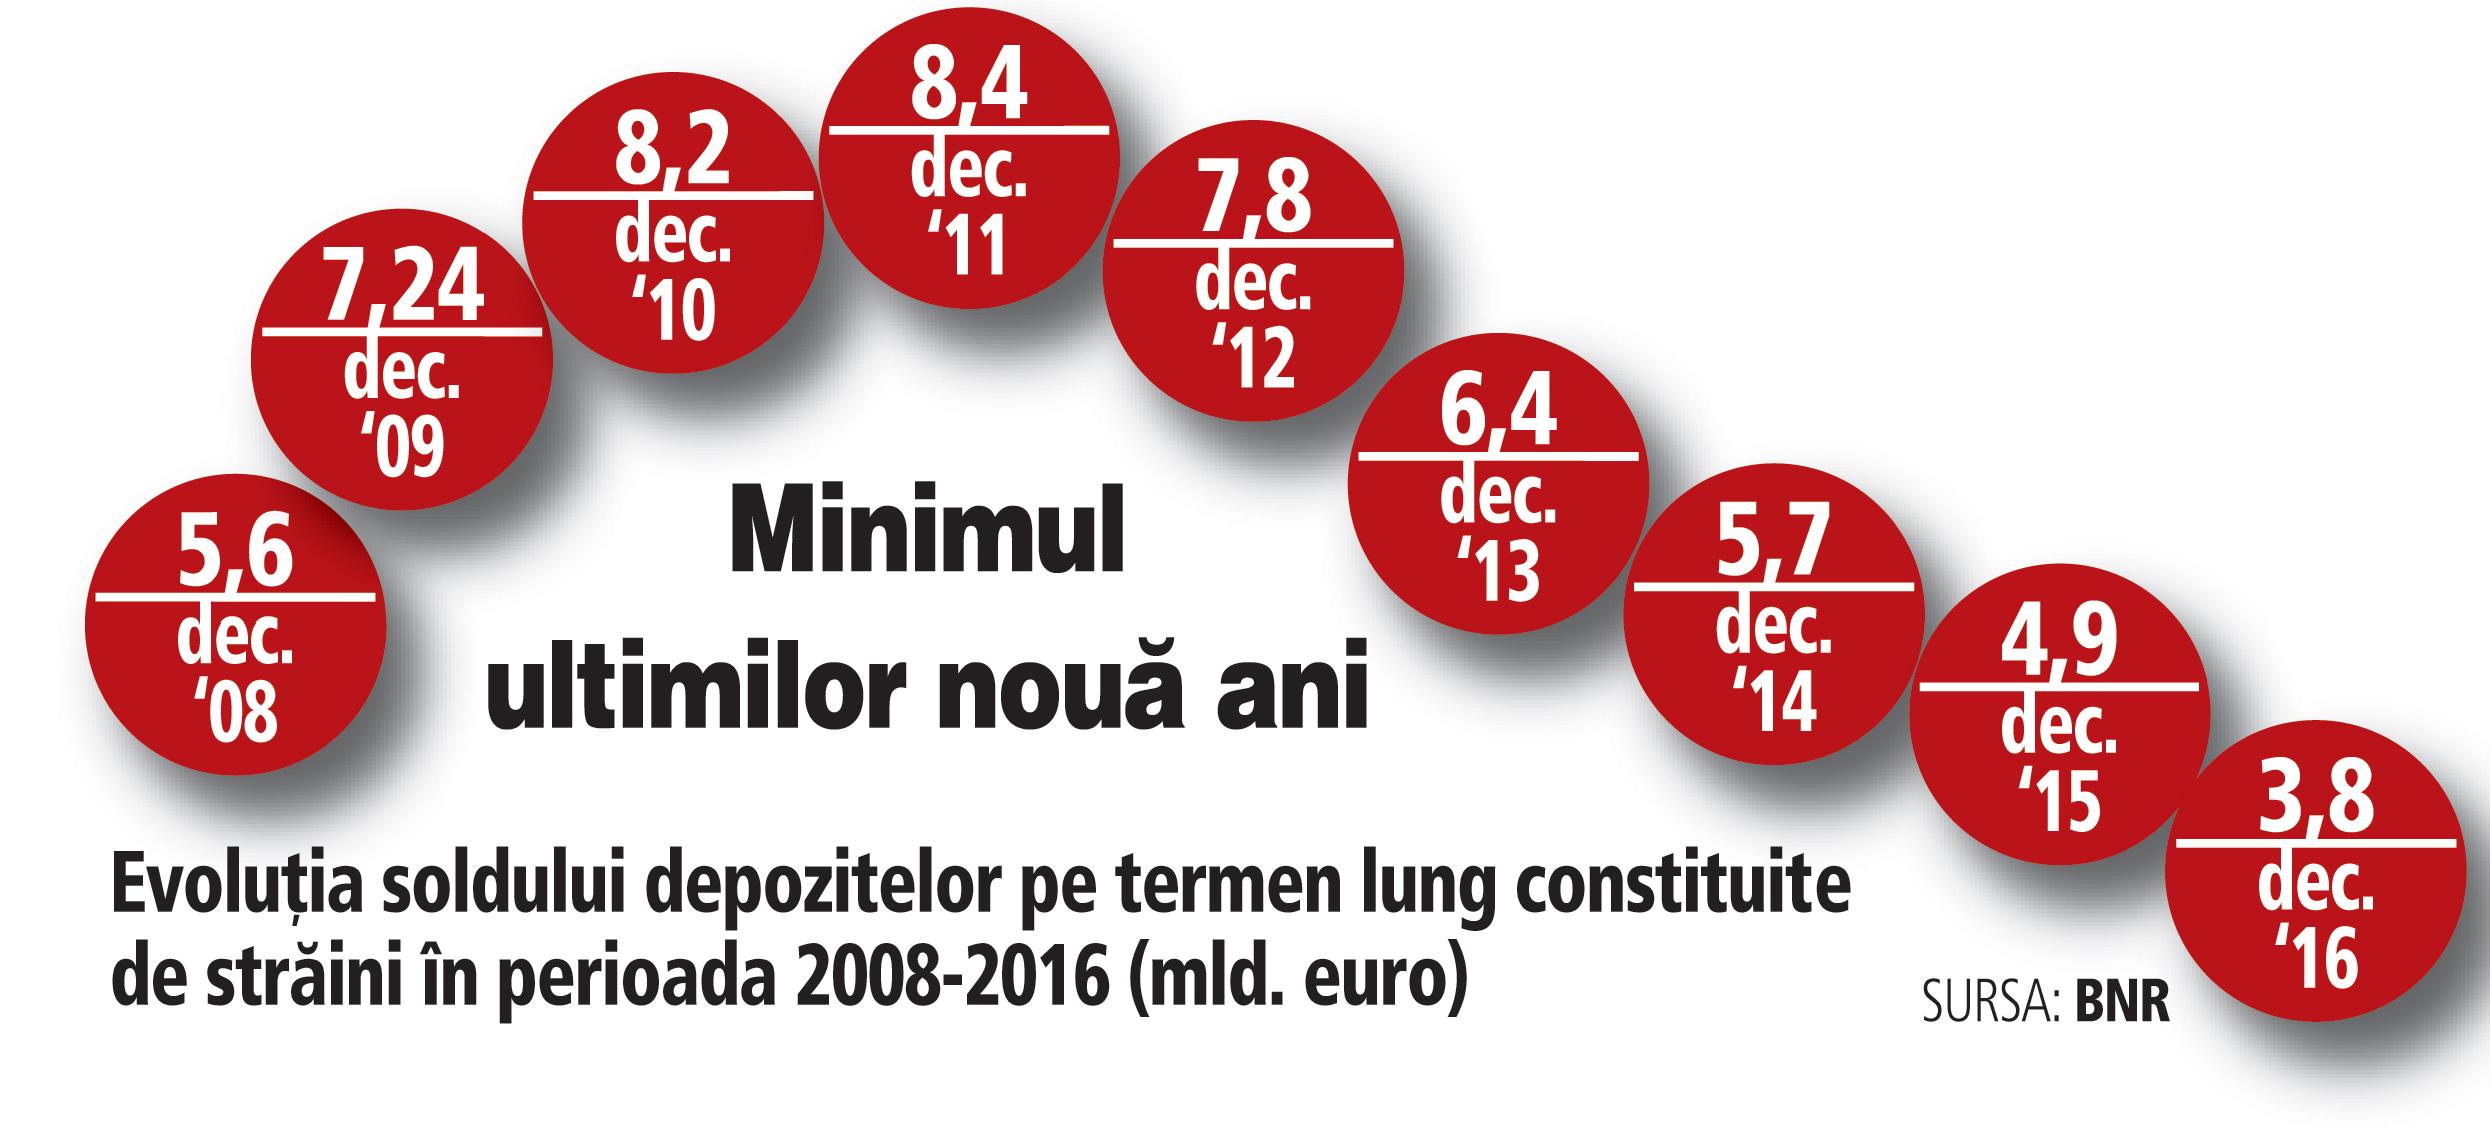 Soldul depozitelor bancare deţinute de străini în România a coborât în 2016 la 3,8 mld. euro, în scădere cu 1 mld. euro